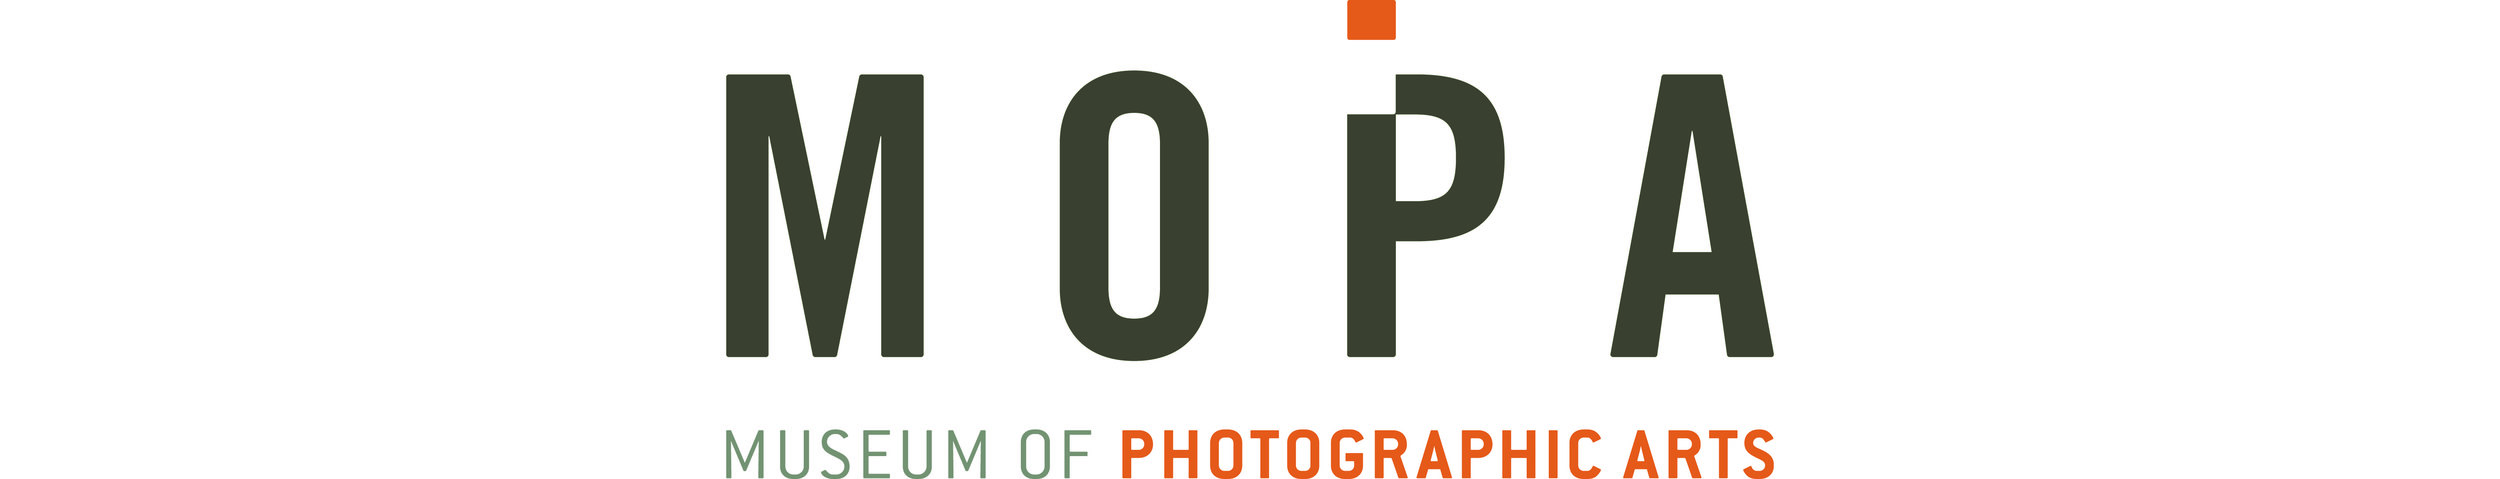 MOPA_Logo_CasualFormal_Combined3.jpg